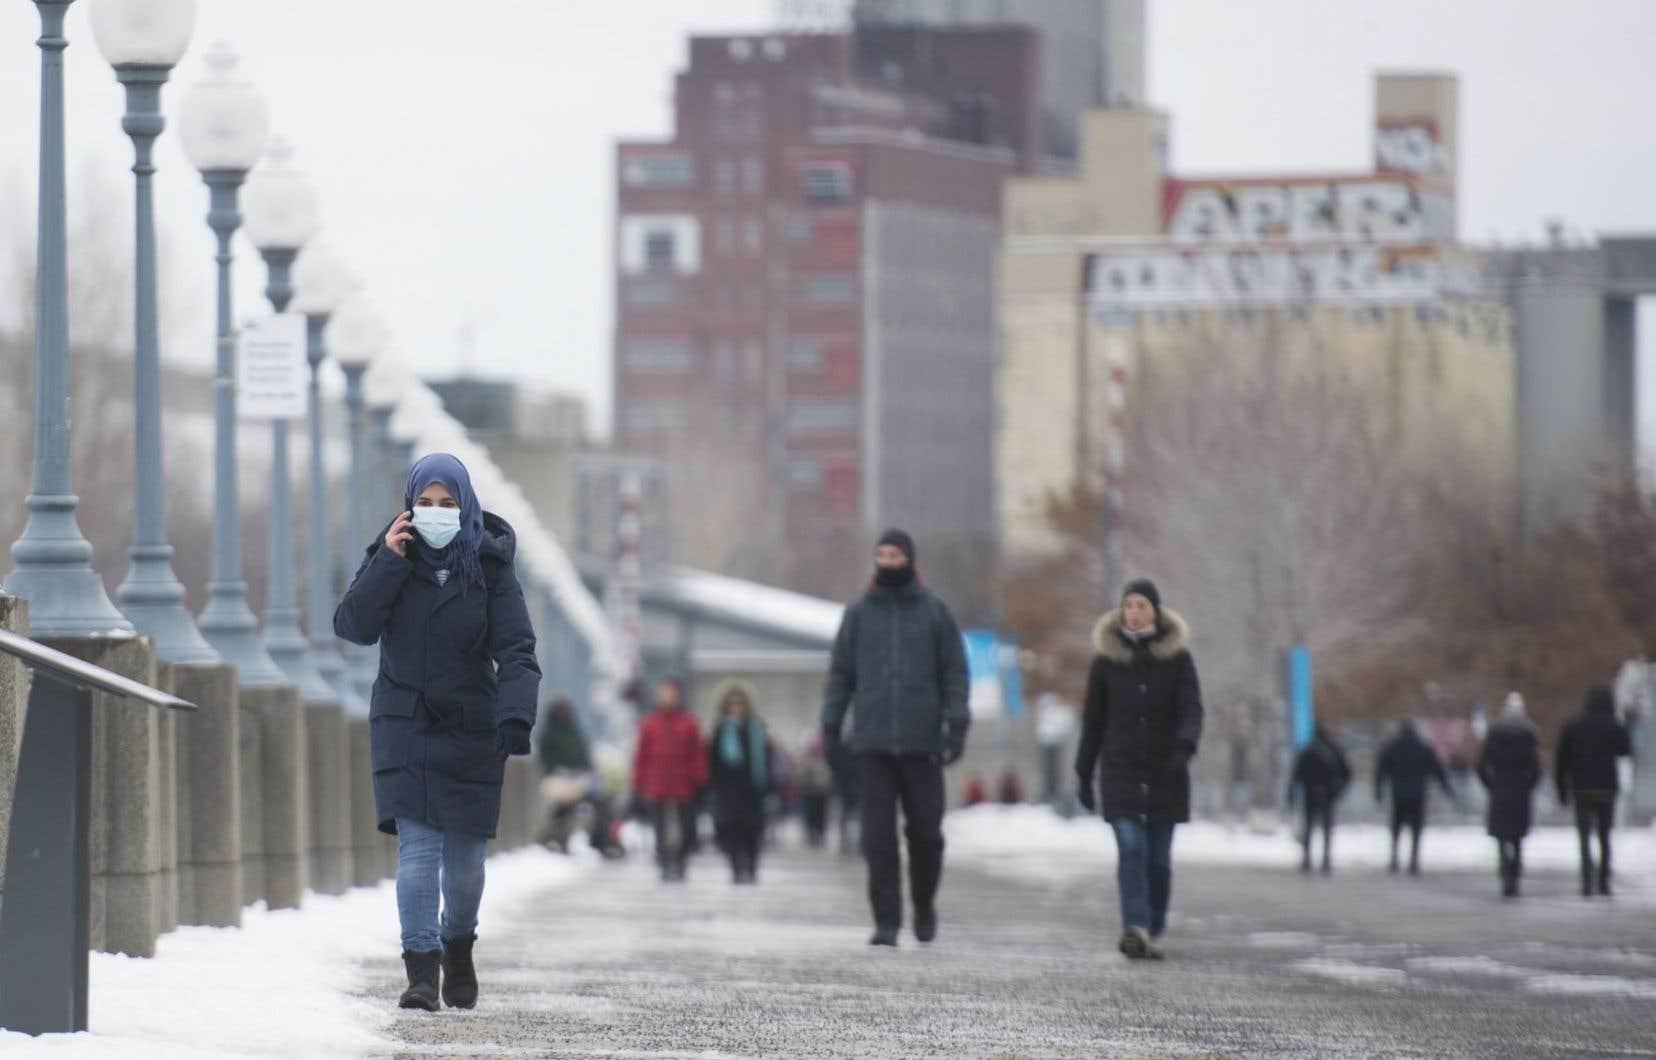 Le Québec se classe au 11<sup>e</sup> rang des pays de l'OCDE quant au poids de sa fiscalité sur ses citoyens.